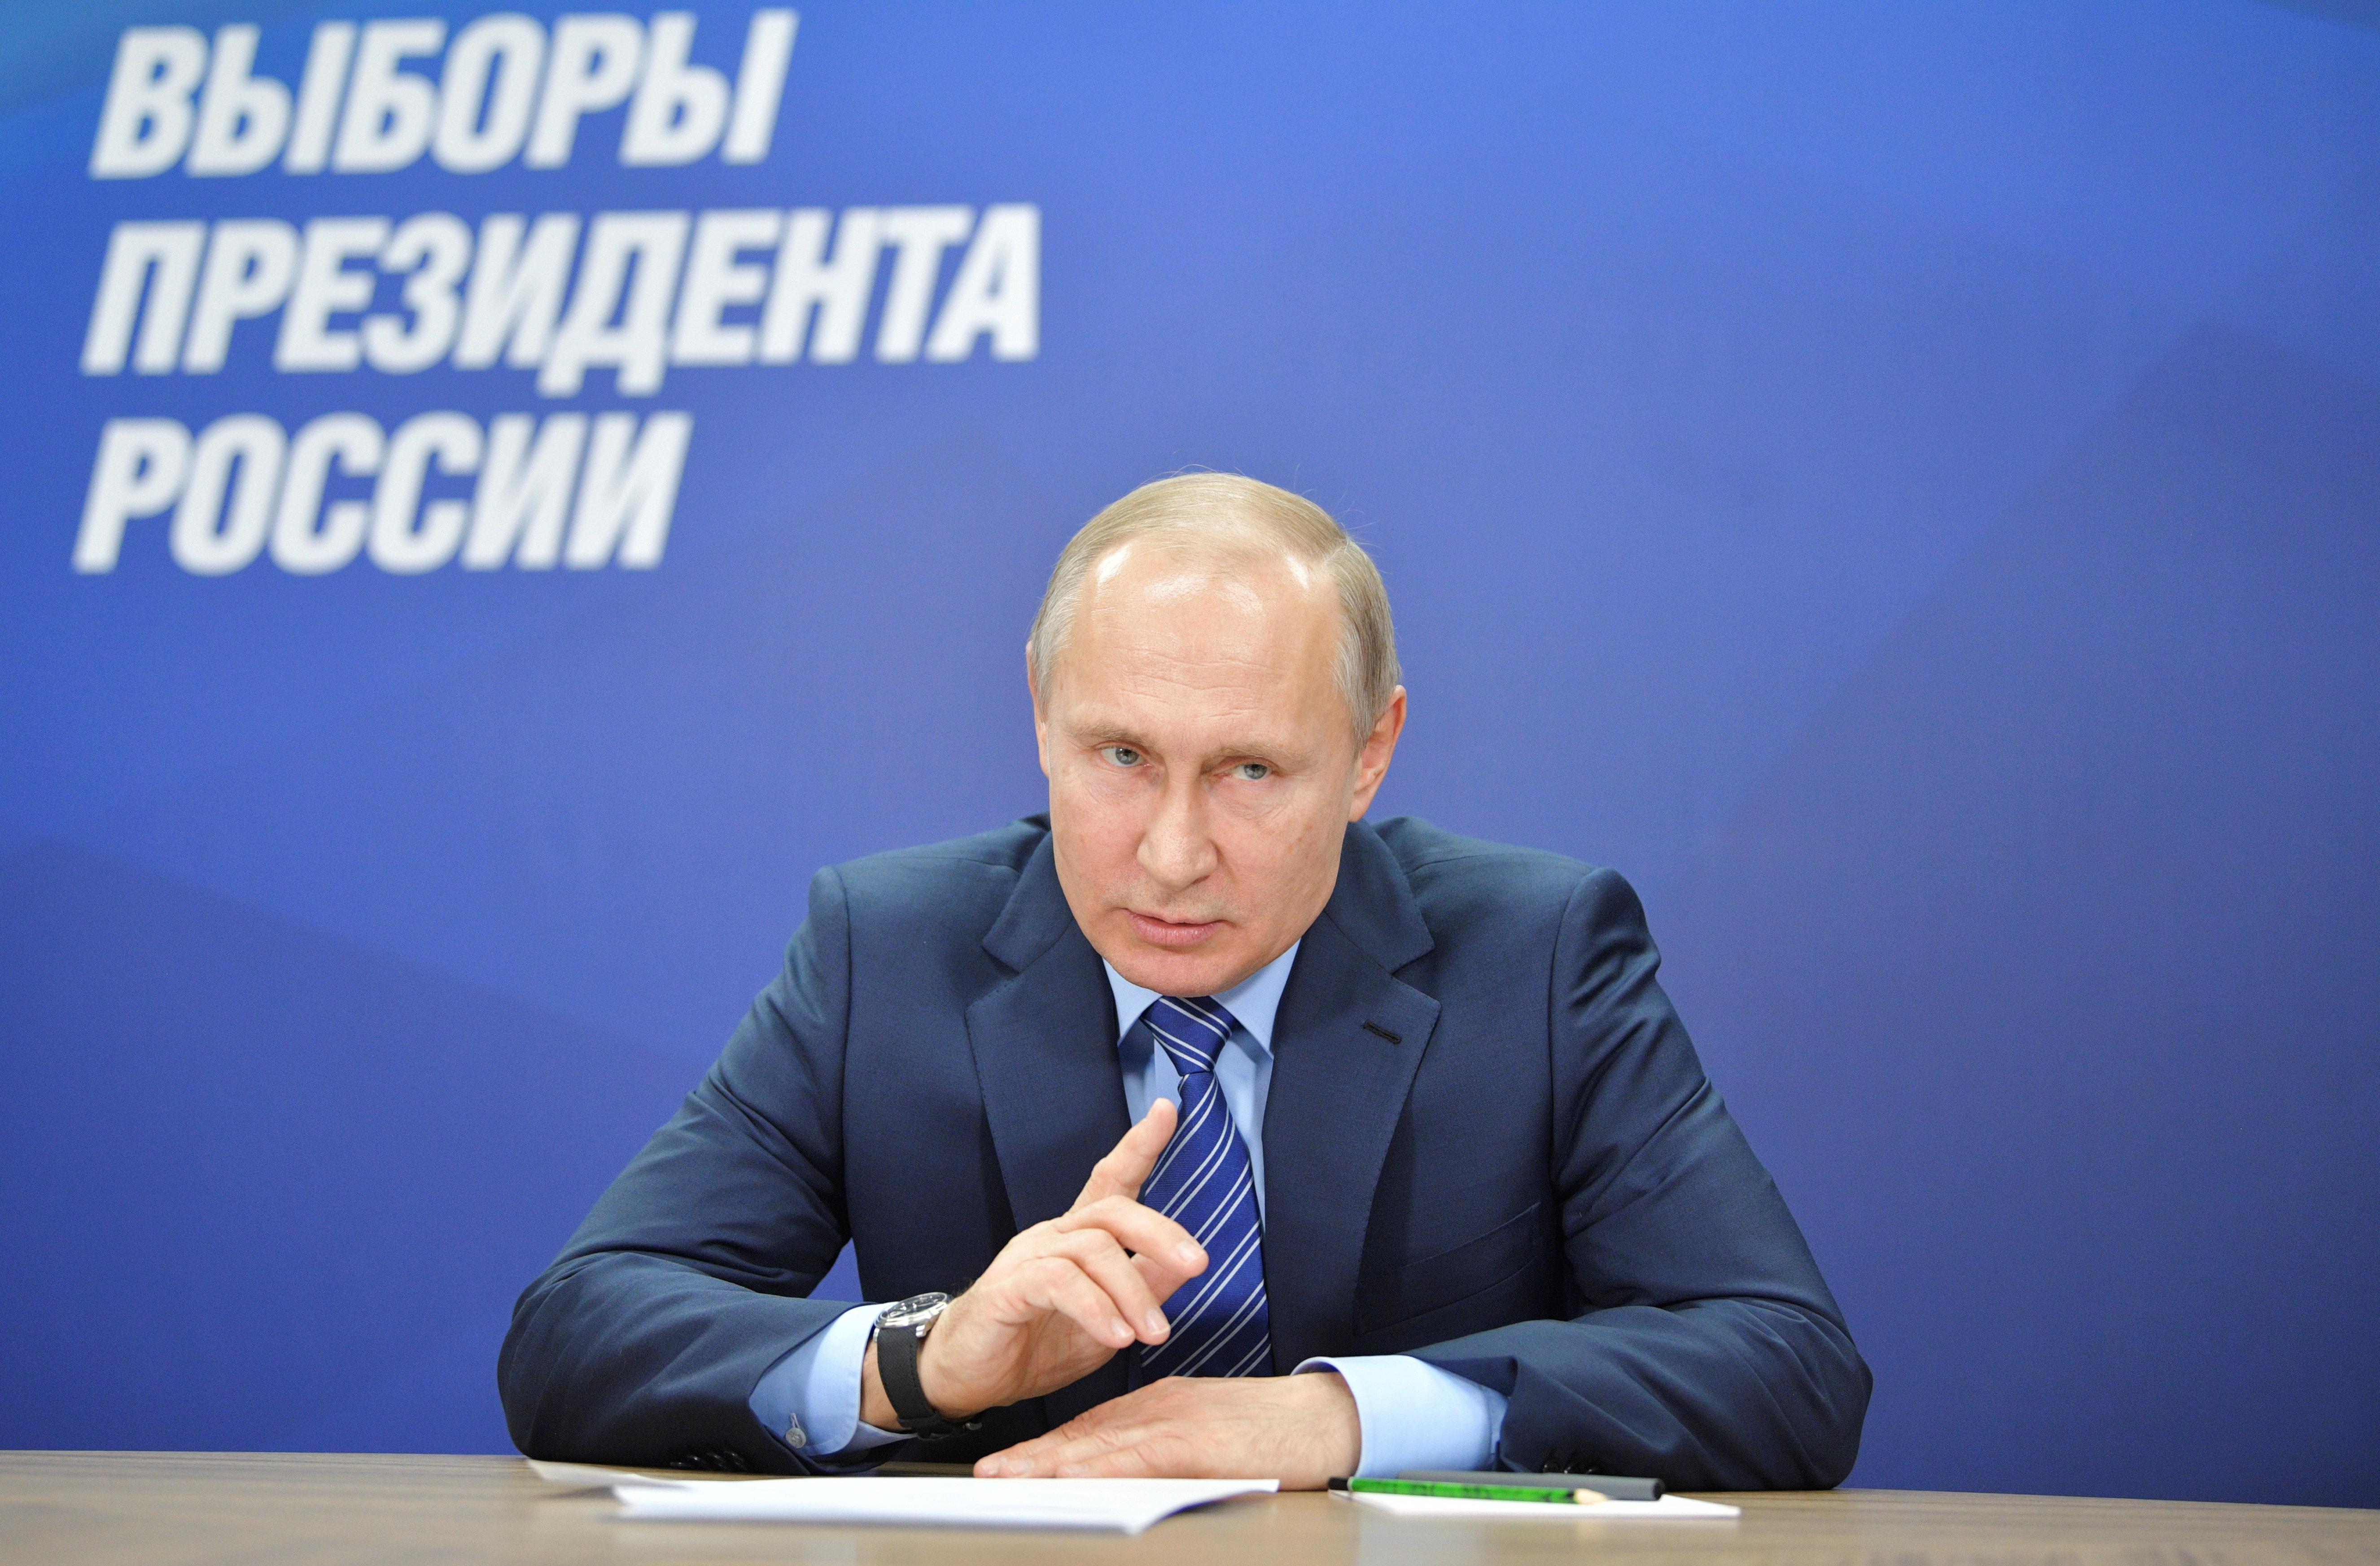 12 miese Tricks, mit denen Putin die bevorstehende Präsidentschaftswahl manipuliert